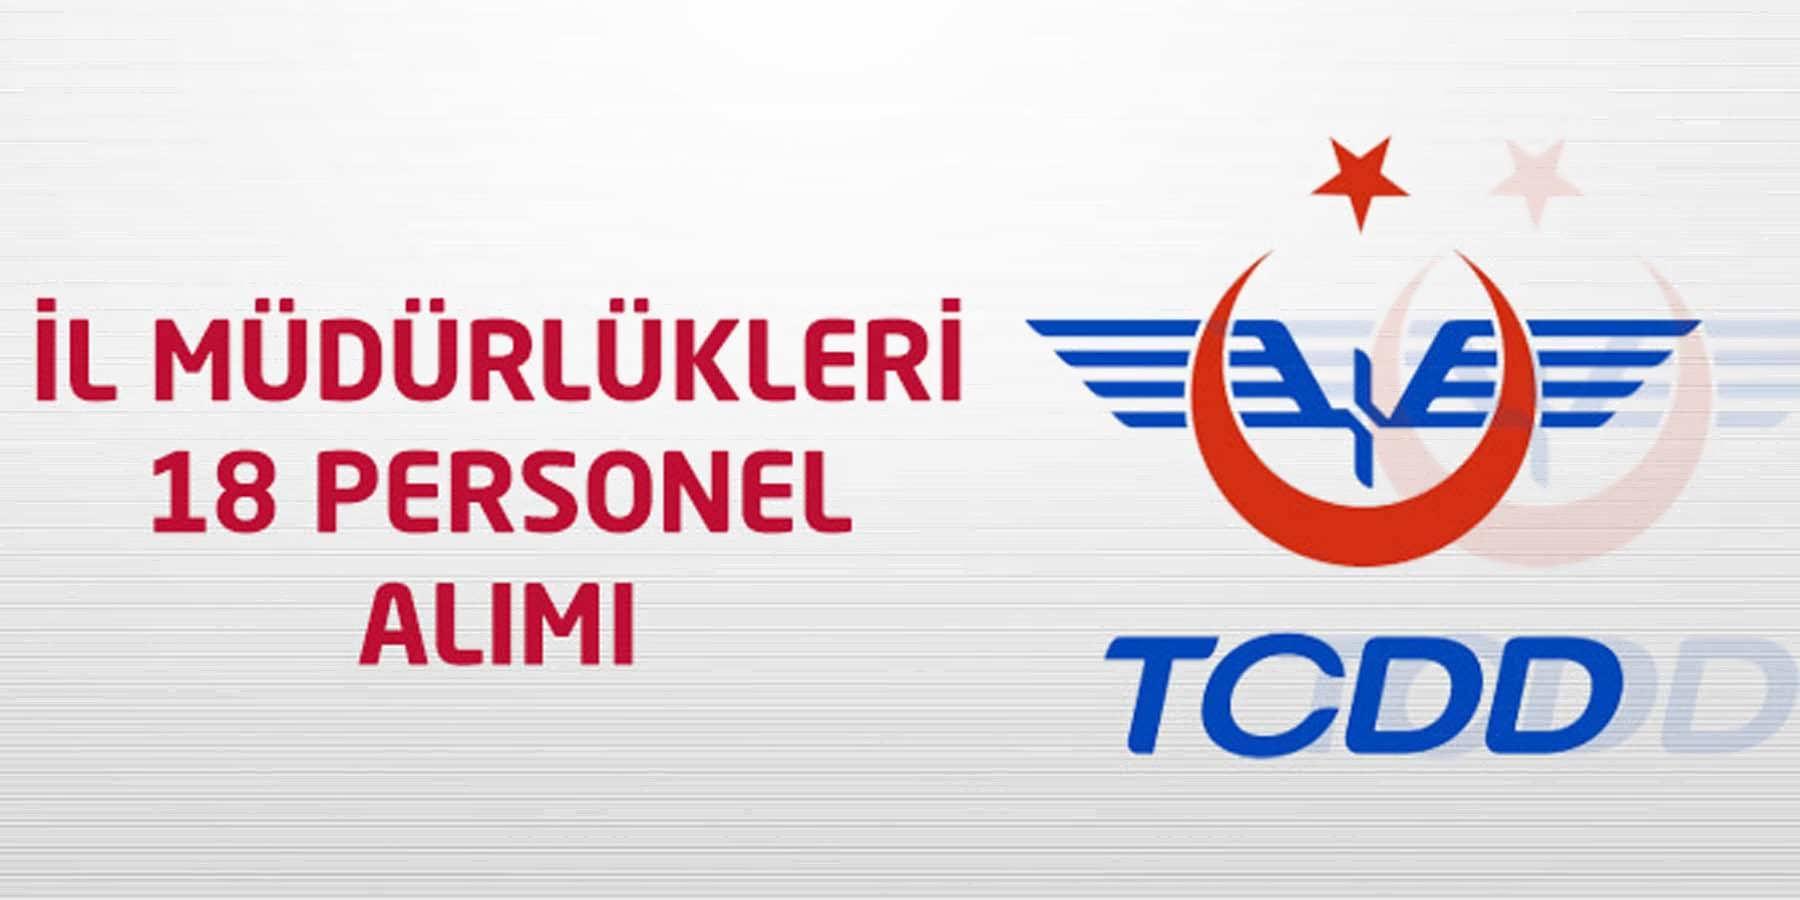 TCDD İl Müdürlükleri 18 Personel Alımı Yapıyor